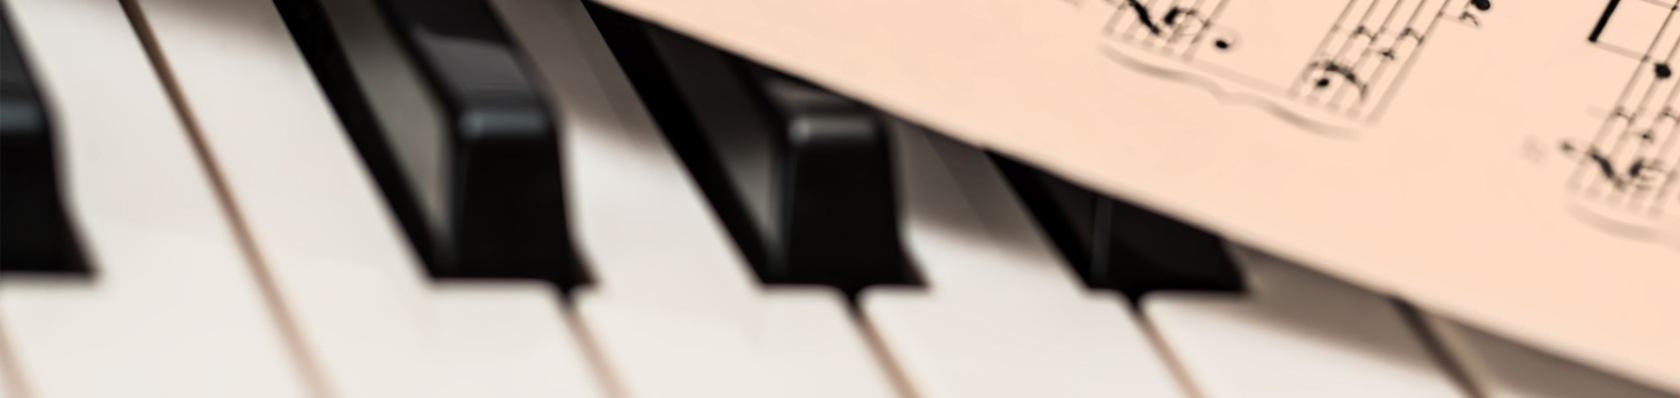 E-Pianos im Test auf ExpertenTesten.de